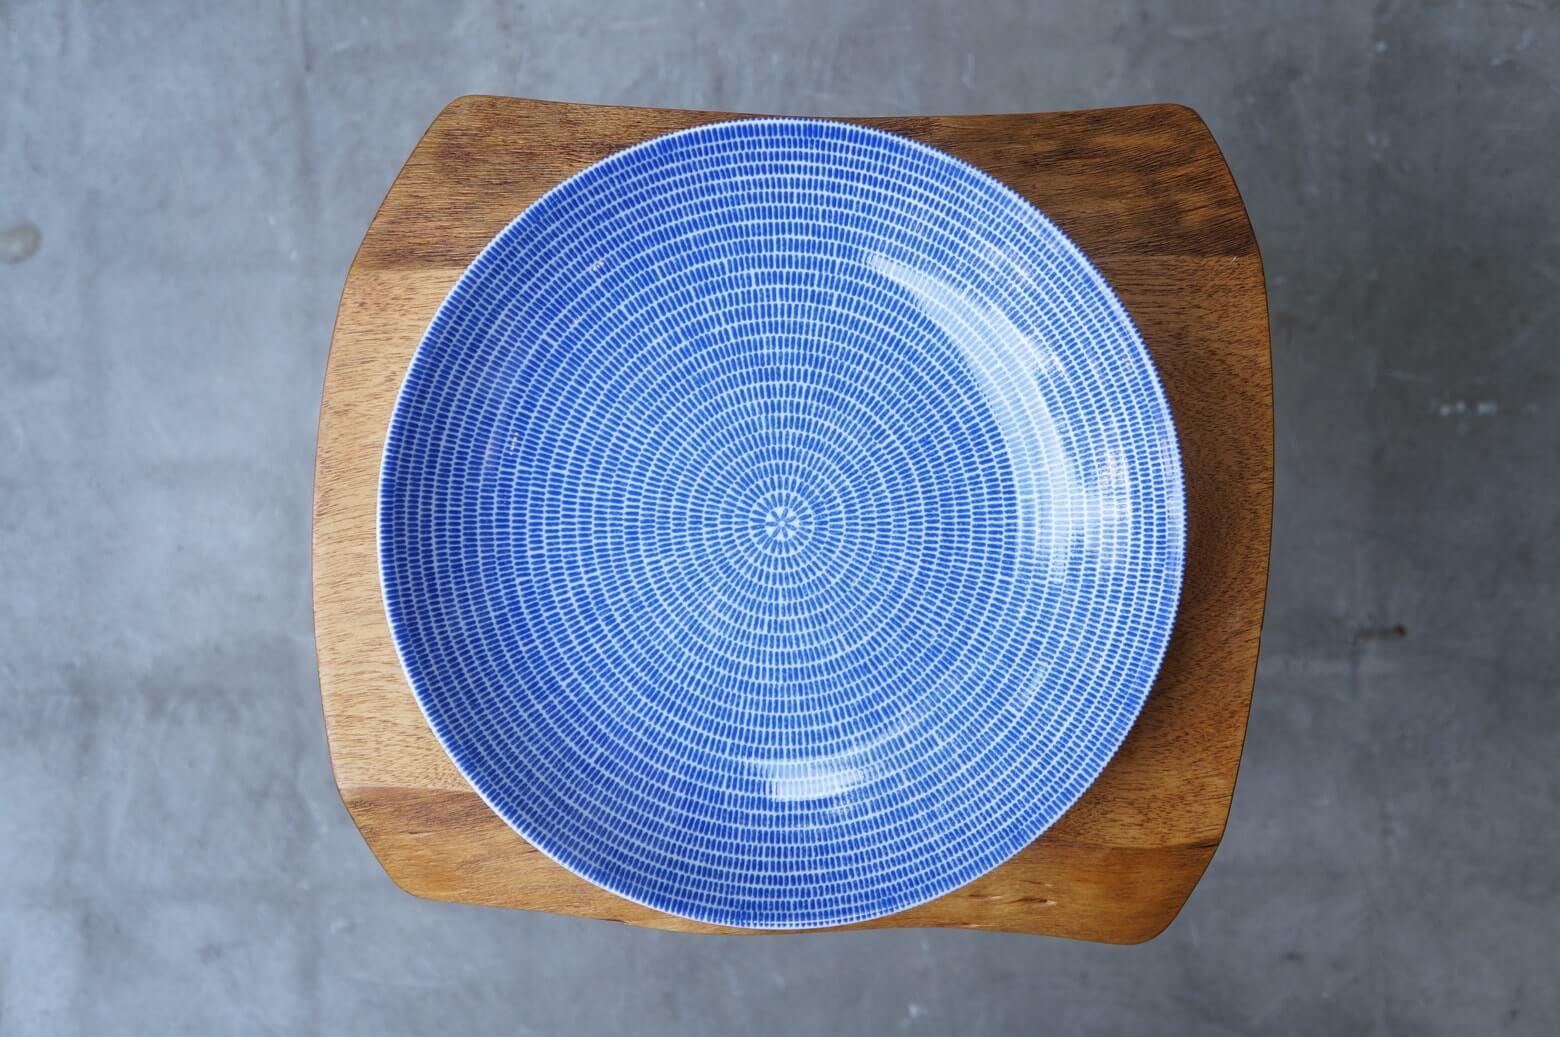 """映画「かもめ食堂」でおにぎりが盛り付けられていたお皿。 それがこのArabia/アラビアのAvec/アベックです。 フィンランドでおにぎり!? ミスマッチのように思われるかもしれませんが、このふたつを見事にマッチングさせてくれているのがこのお皿と言っても過言ではないでしょう。 「かもめ食堂」を観てこのお皿に憧れたという方もかなり多く、日本ではどこも品切れで""""次回入荷未定""""となっているショップばかり… 特にこのパスタプレートはここ最近では再販されておらず、なかなかレアなアイテムとなっています。 トマトソースパスタやクリームパスタ、カレーにピラフにチャーハンに、はたまた、ちらし寿司なんかも。 北欧ブルーの模様で身をまとったシンプルな器は和洋問わず、どんなお料理でもバチッと決まります。 細かなスレがございますが、カトラリー跡もほとんど気にならない程度で、比較的状態は良好です。 バックスタンプは王冠ありの旧タイプ。 2017年に再販されたものよりも少し色が濃く、縁まで模様が入っています。 次はいつどこで手に入るか分からないアベックのパスタプレート… お探しの方はぜひいかがでしょうか♪ ~【東京都杉並区阿佐ヶ谷北アンティークショップ 古一】 古一/ふるいちでは出張無料買取も行っております。杉並区周辺はもちろん、世田谷区・目黒区・武蔵野市・新宿区等の東京近郊のお見積もりも!ビンテージ家具・インテリア雑貨・ランプ・USED品・ リサイクルなら古一/フルイチへ~"""